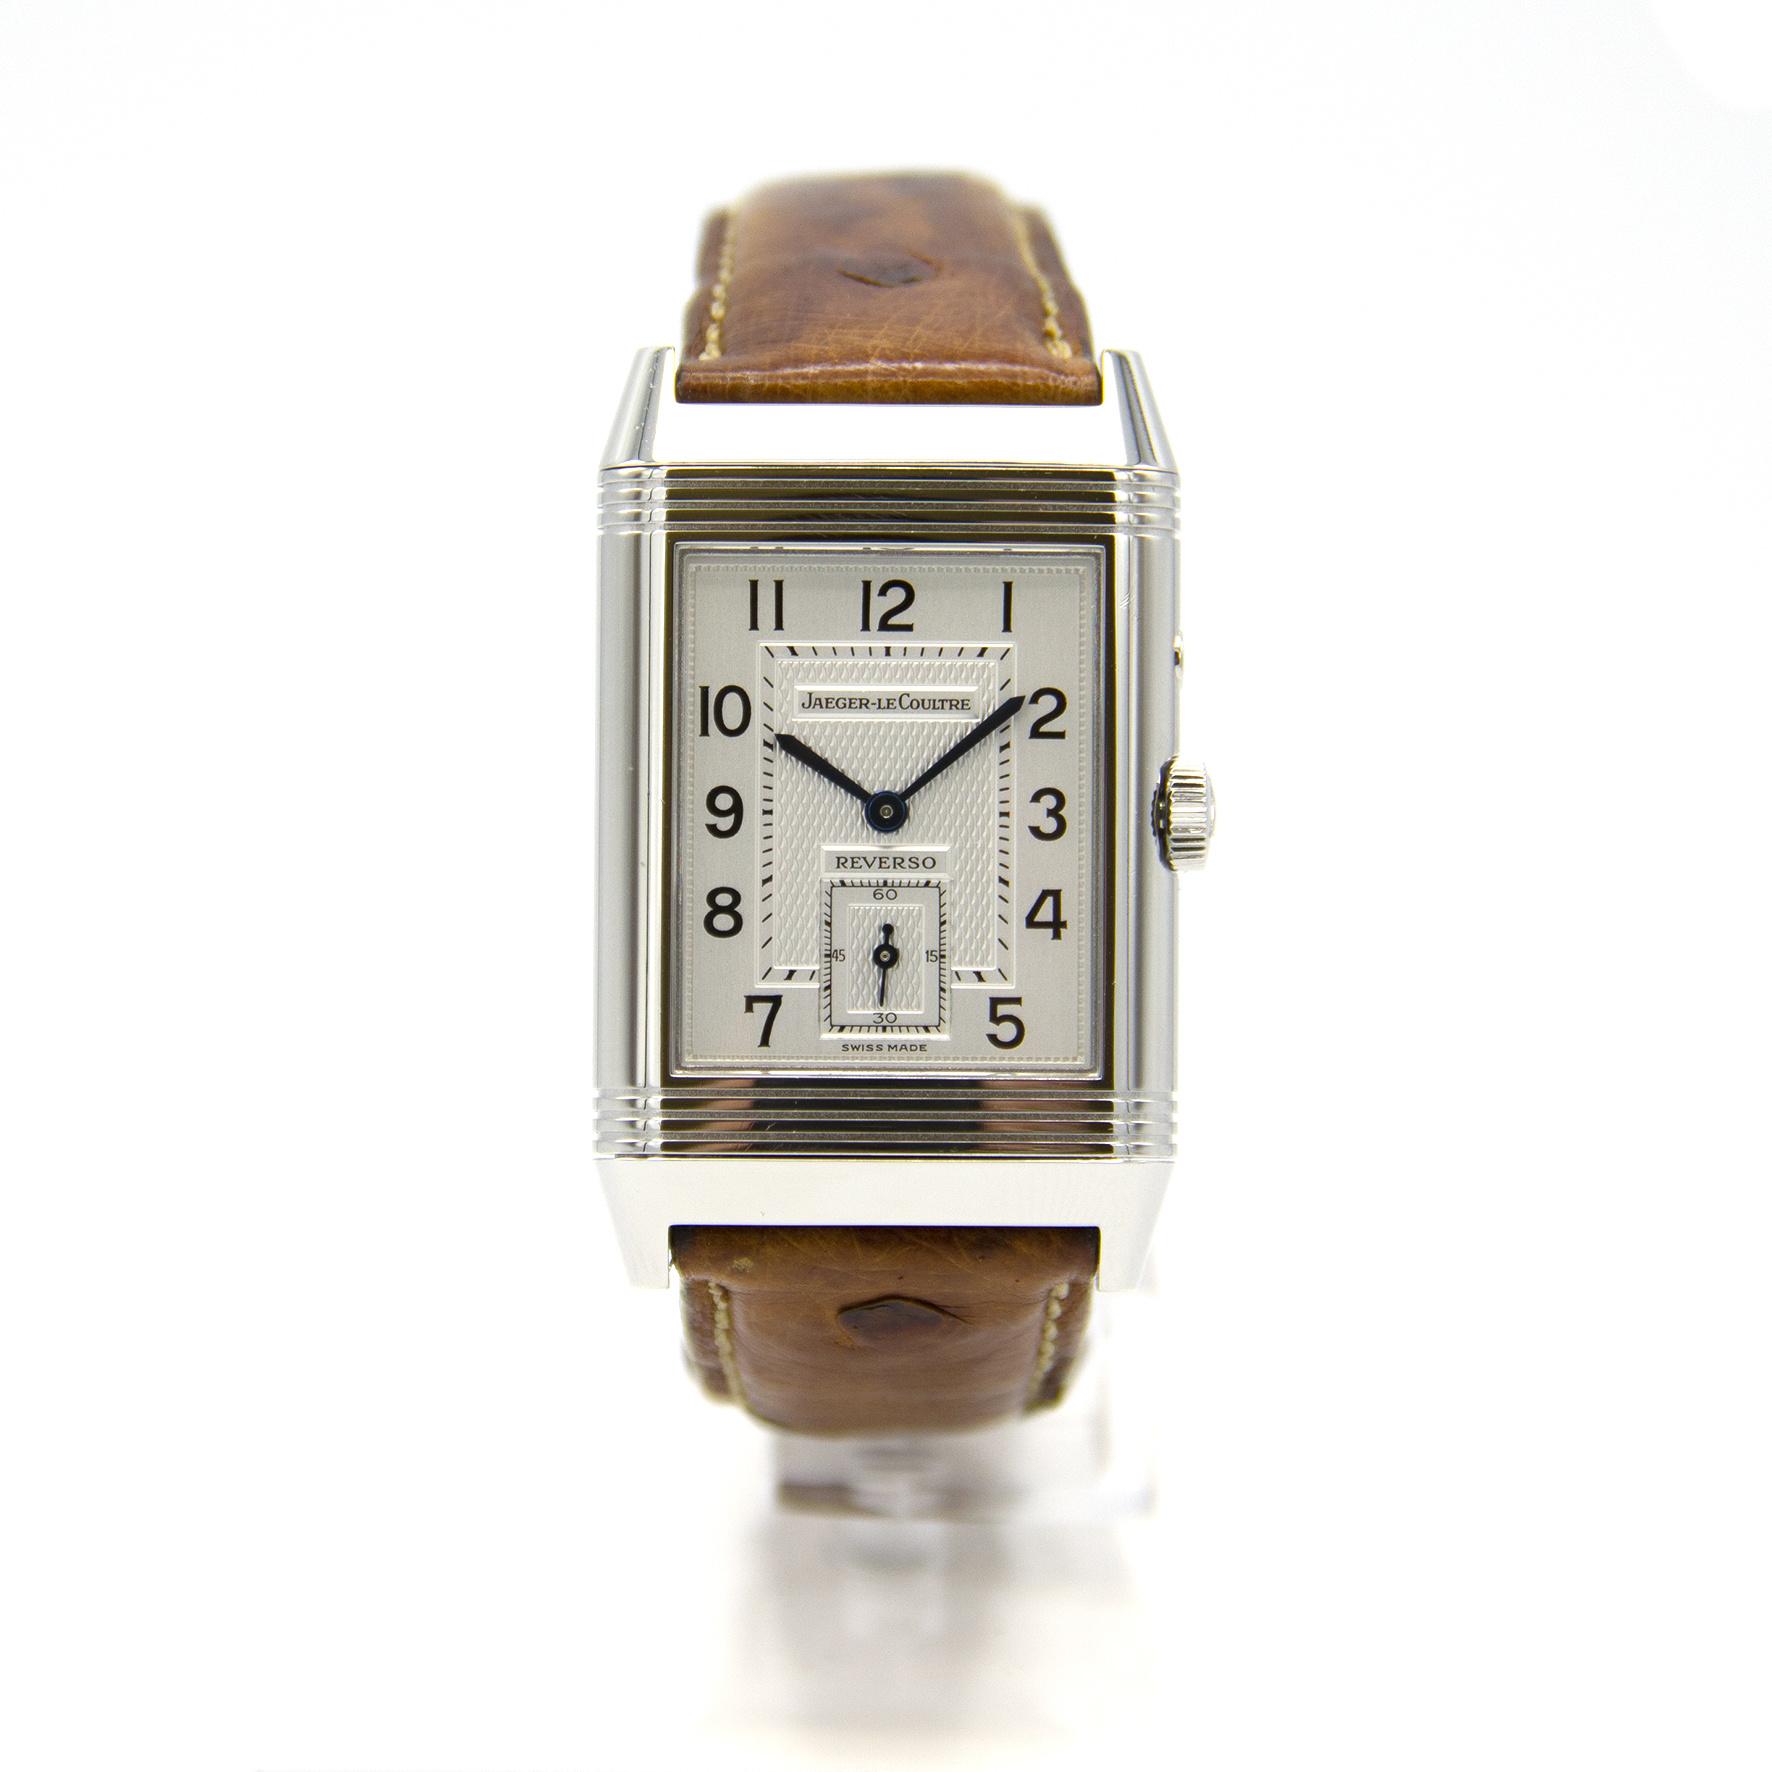 Jaeger-LeCoultre - Duo Face - Horloge Heren - 270.8.54-3